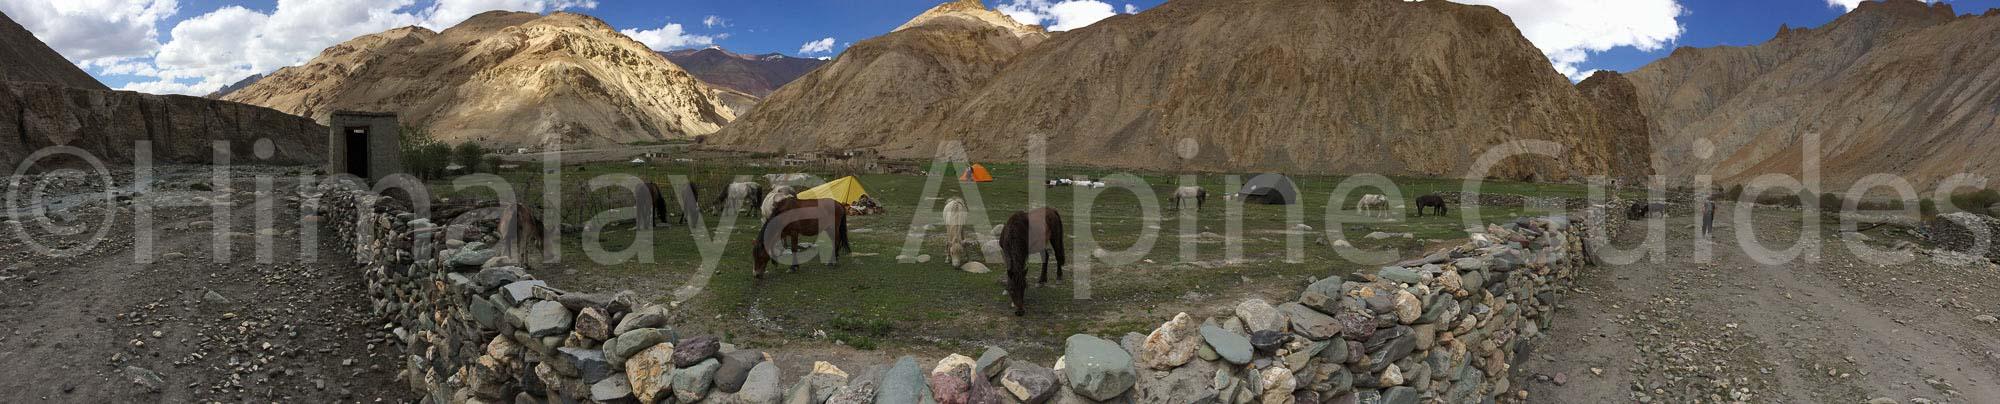 hangkar-camp-horses